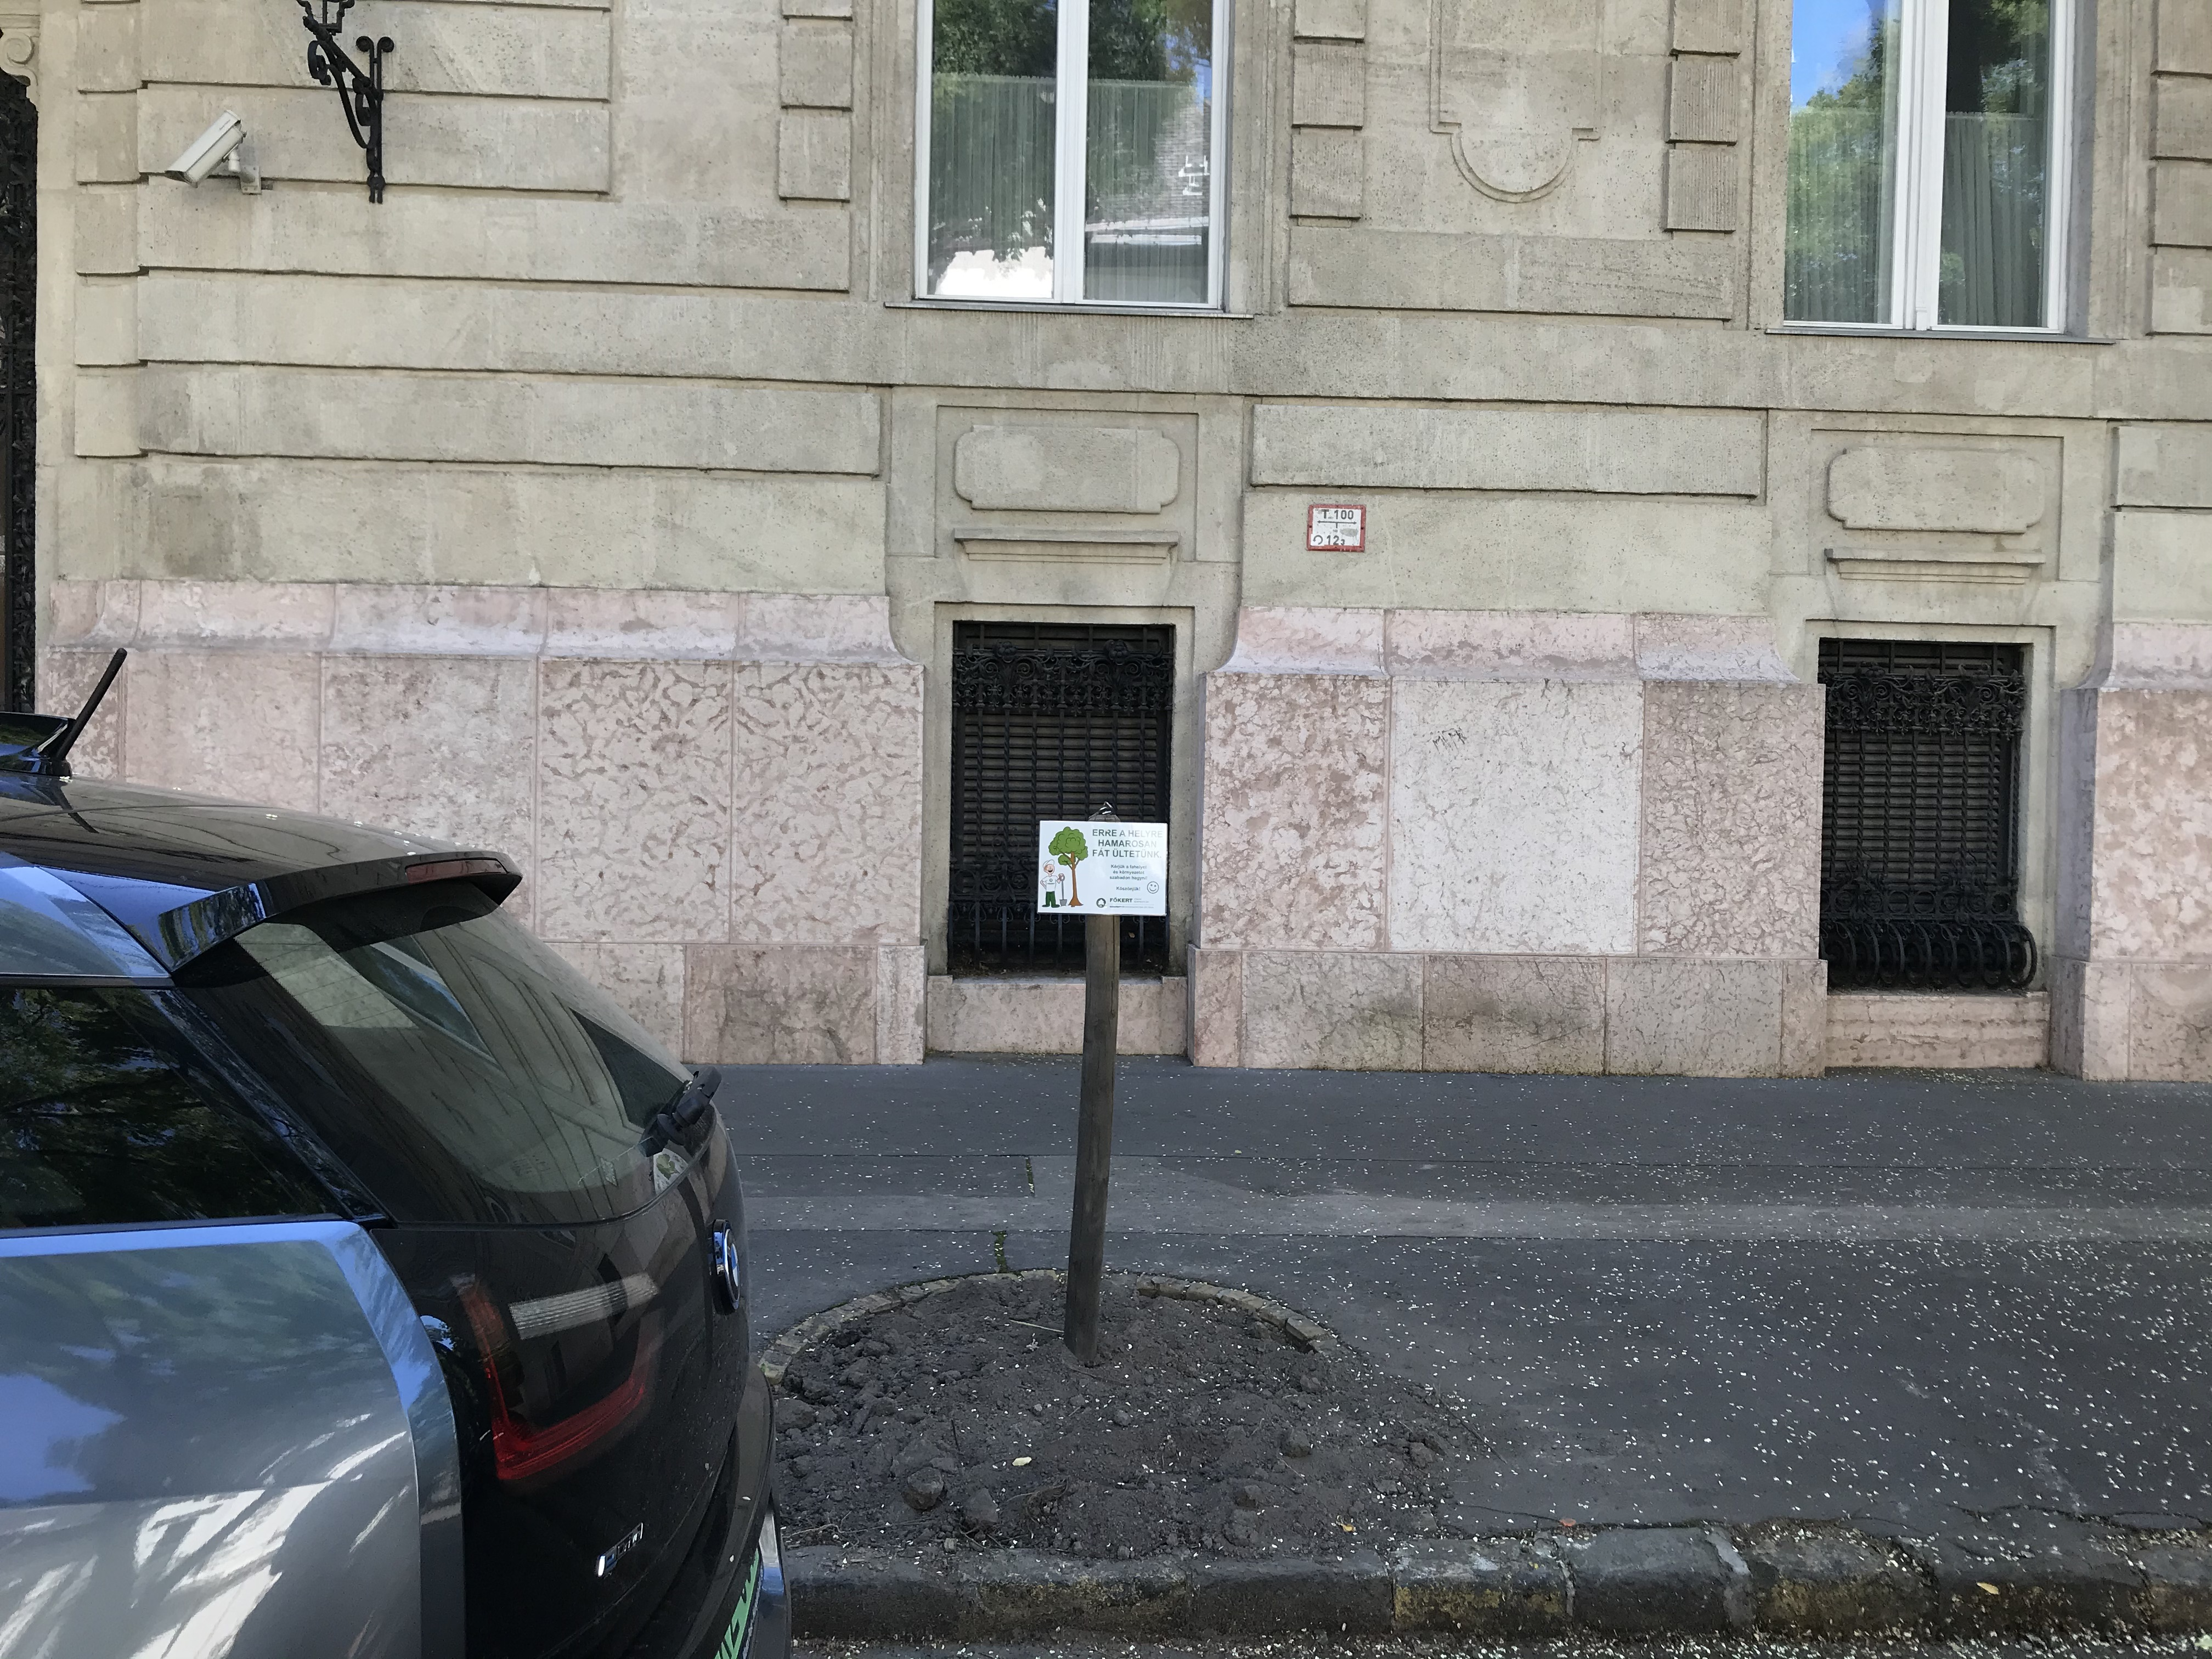 Kivágtak 28 fát a híres Benczúr utcai fasorból, a lakók petíciót indítottak, a főkertész szerint veszélyes volt a helyzet